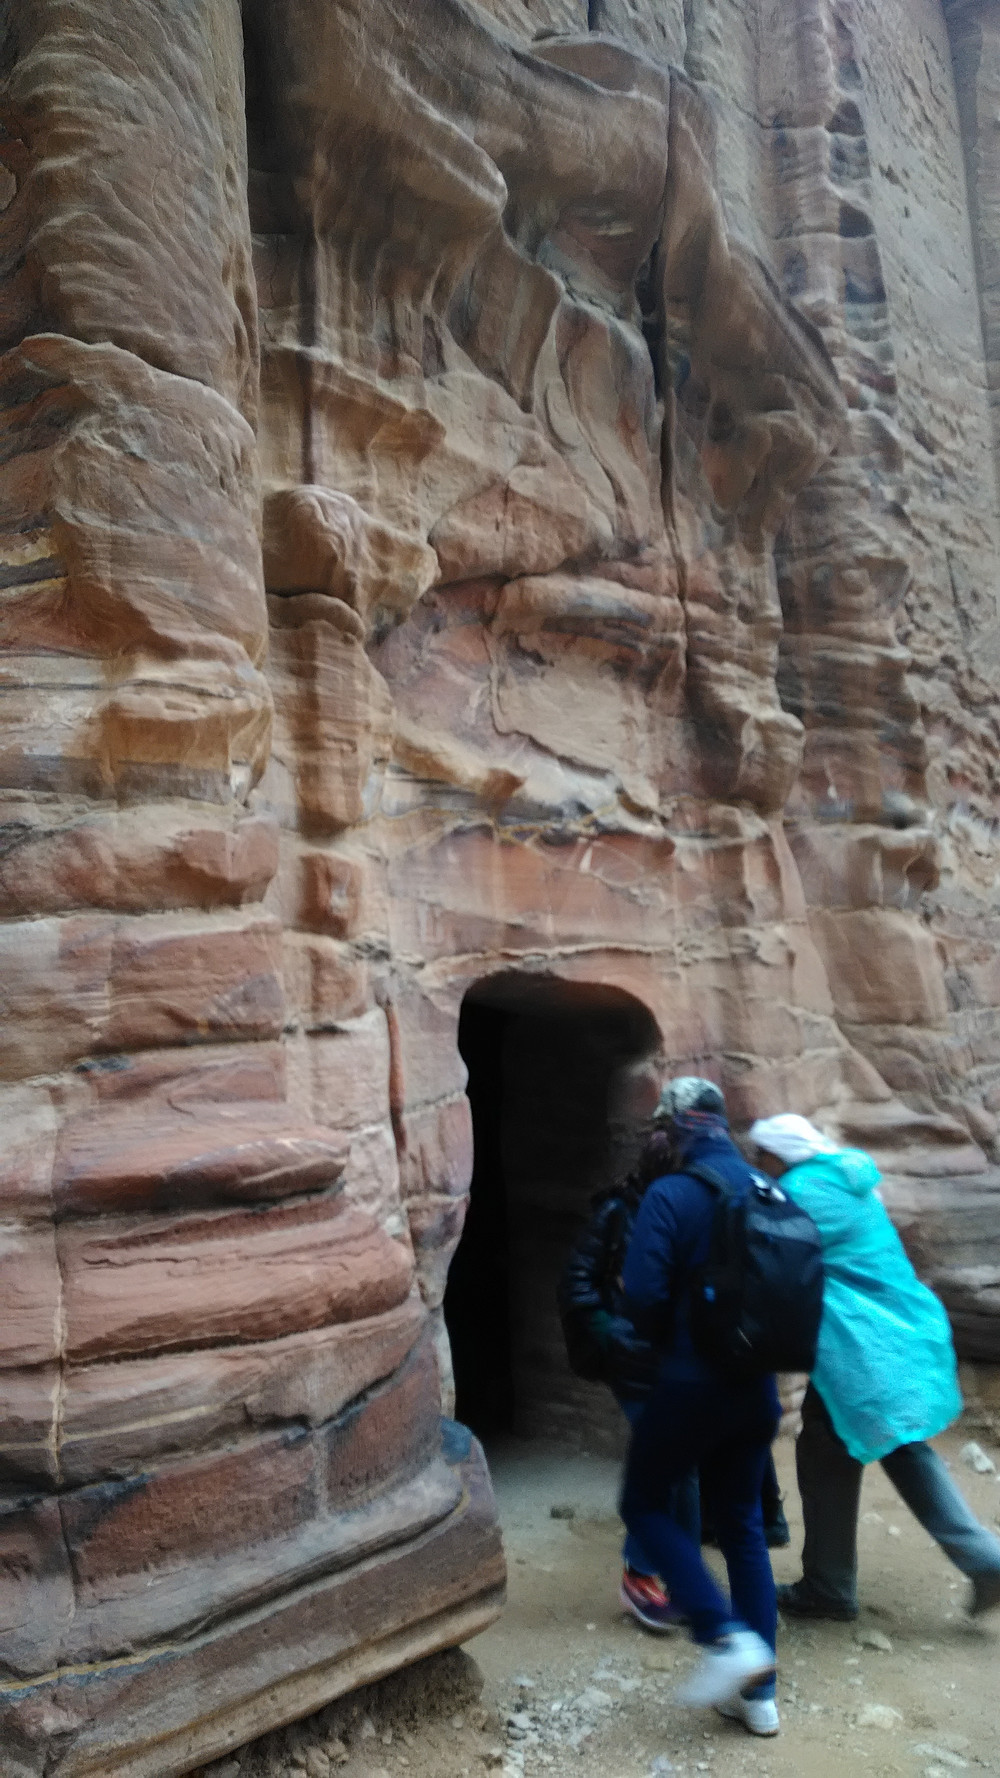 Petran hautakammioissa pääsee piipahtamaan.